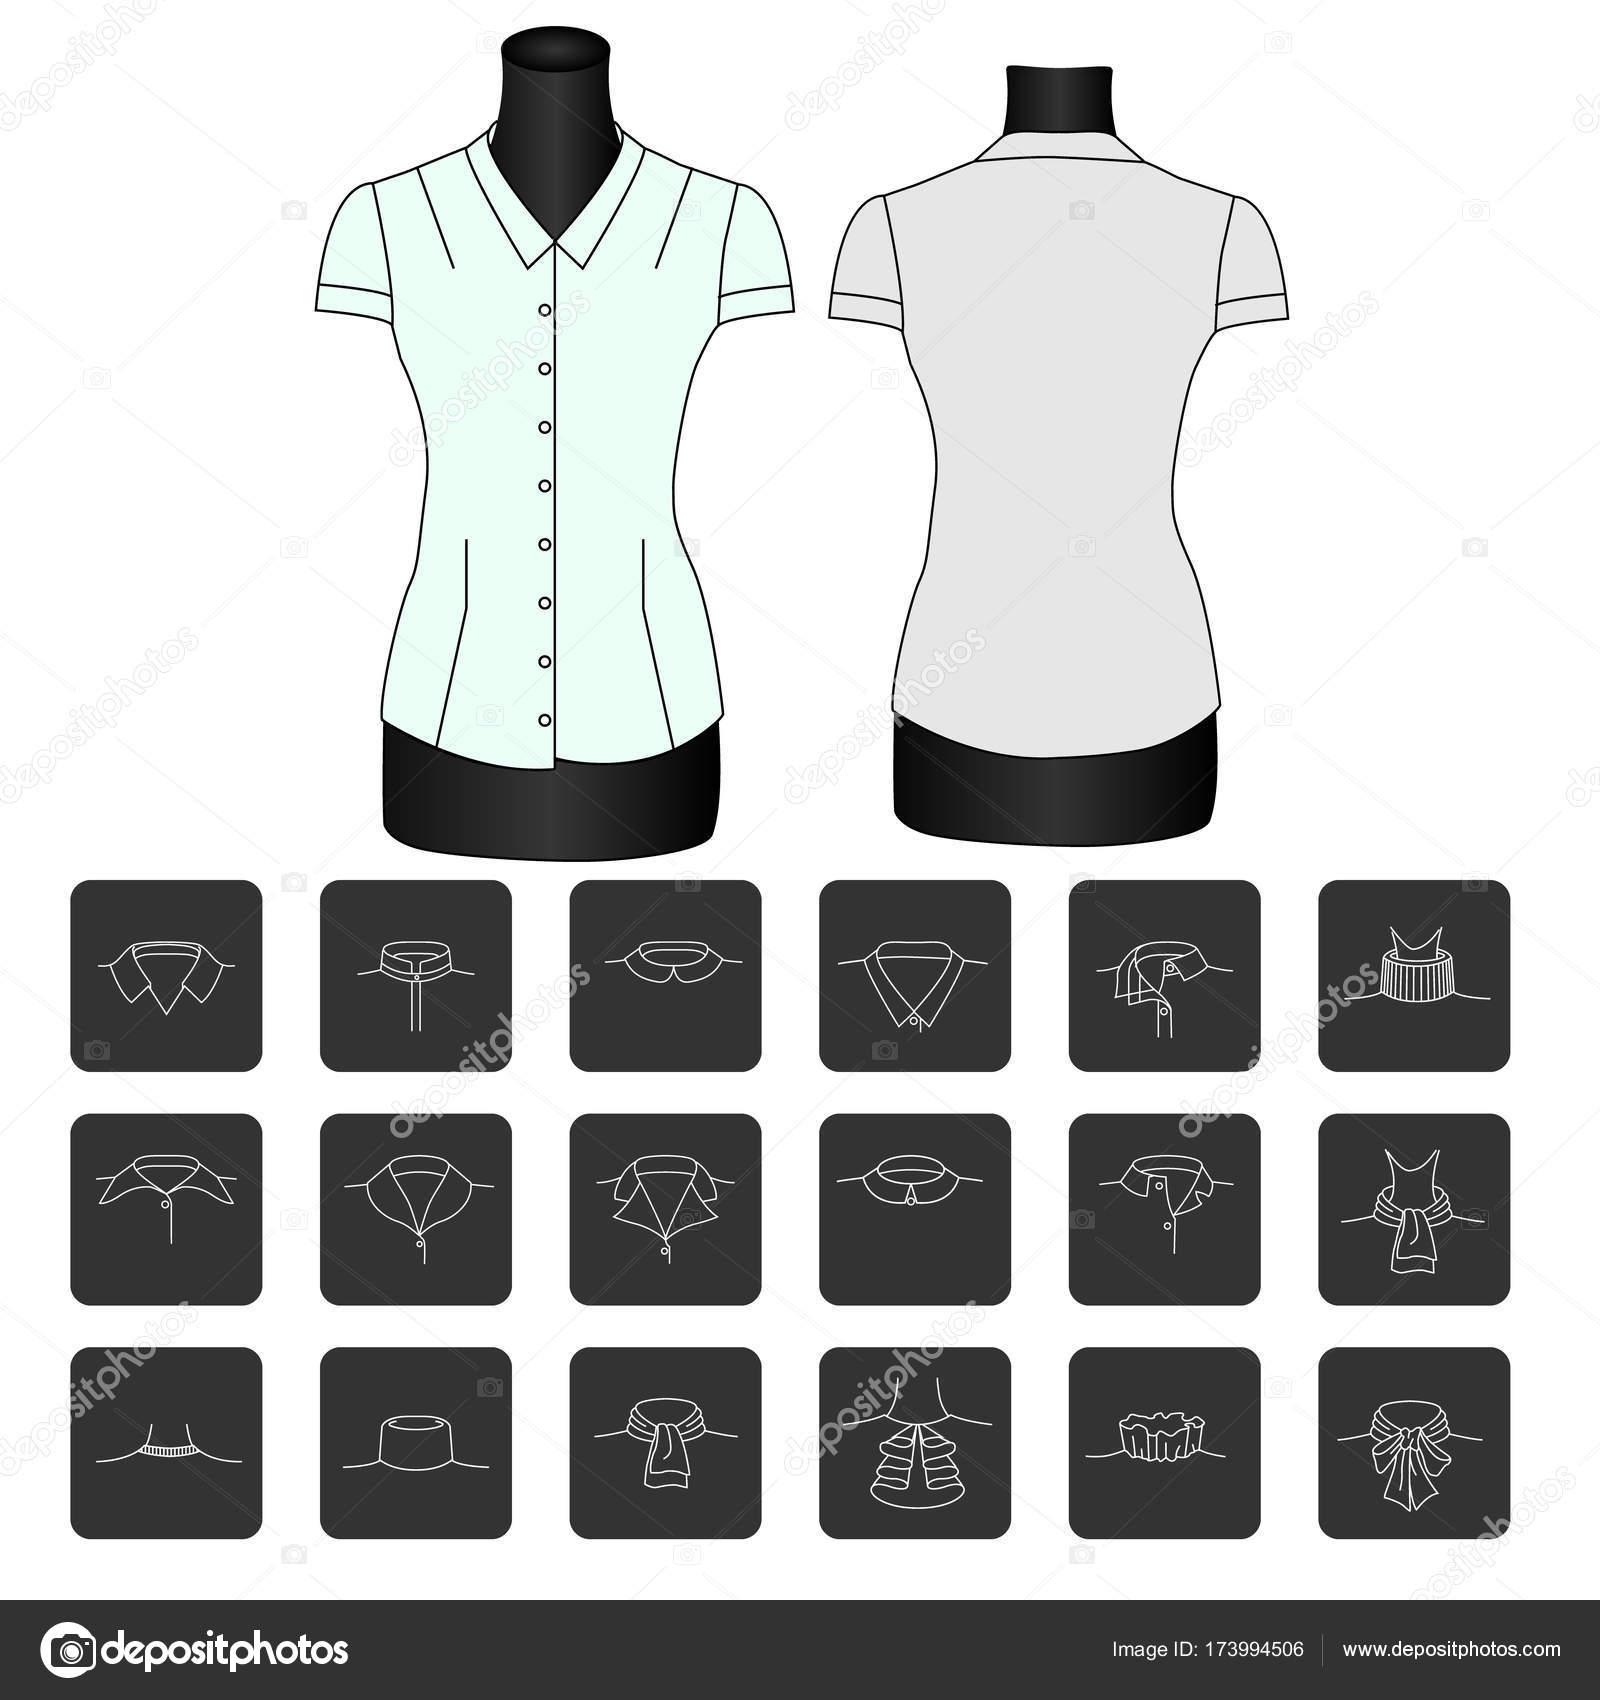 72b3413ebdbe Bosquejo de moda de la camisa collars.types de los collares de las mujeres.  cuello para camisa. cuellos para blusas de las mujeres. collar.